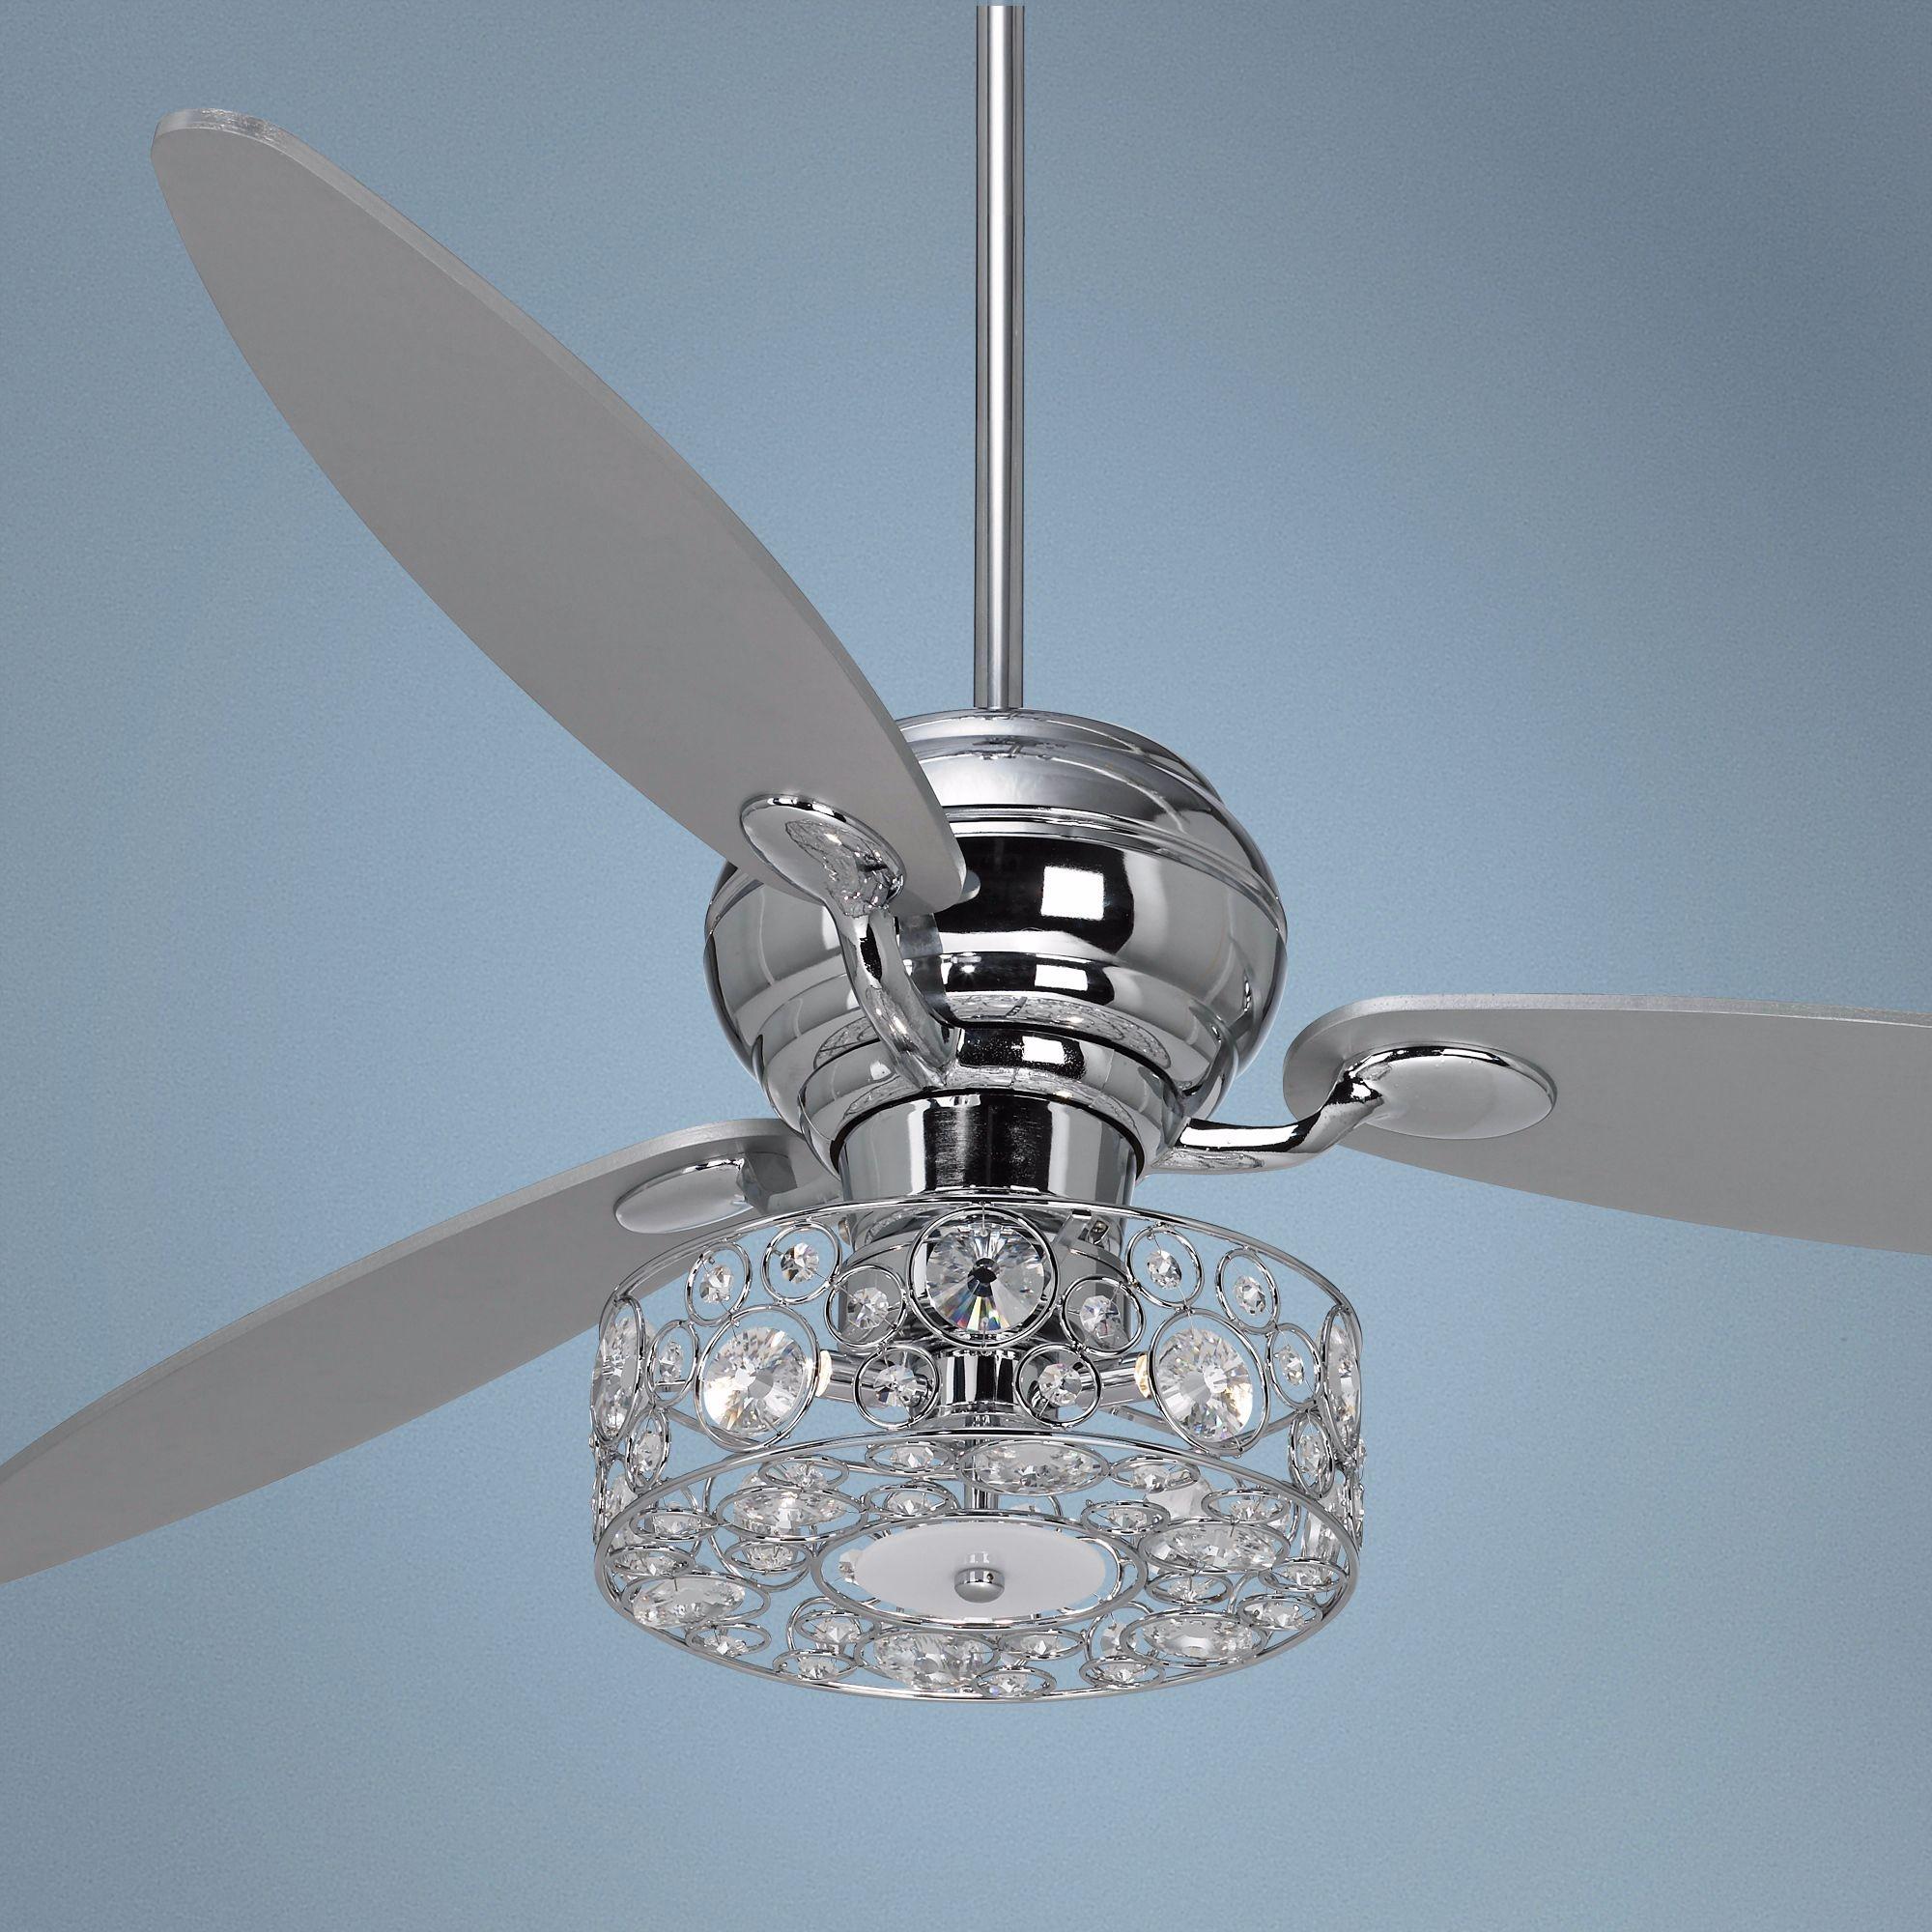 Crystal Ceiling Fan Light Kit 4